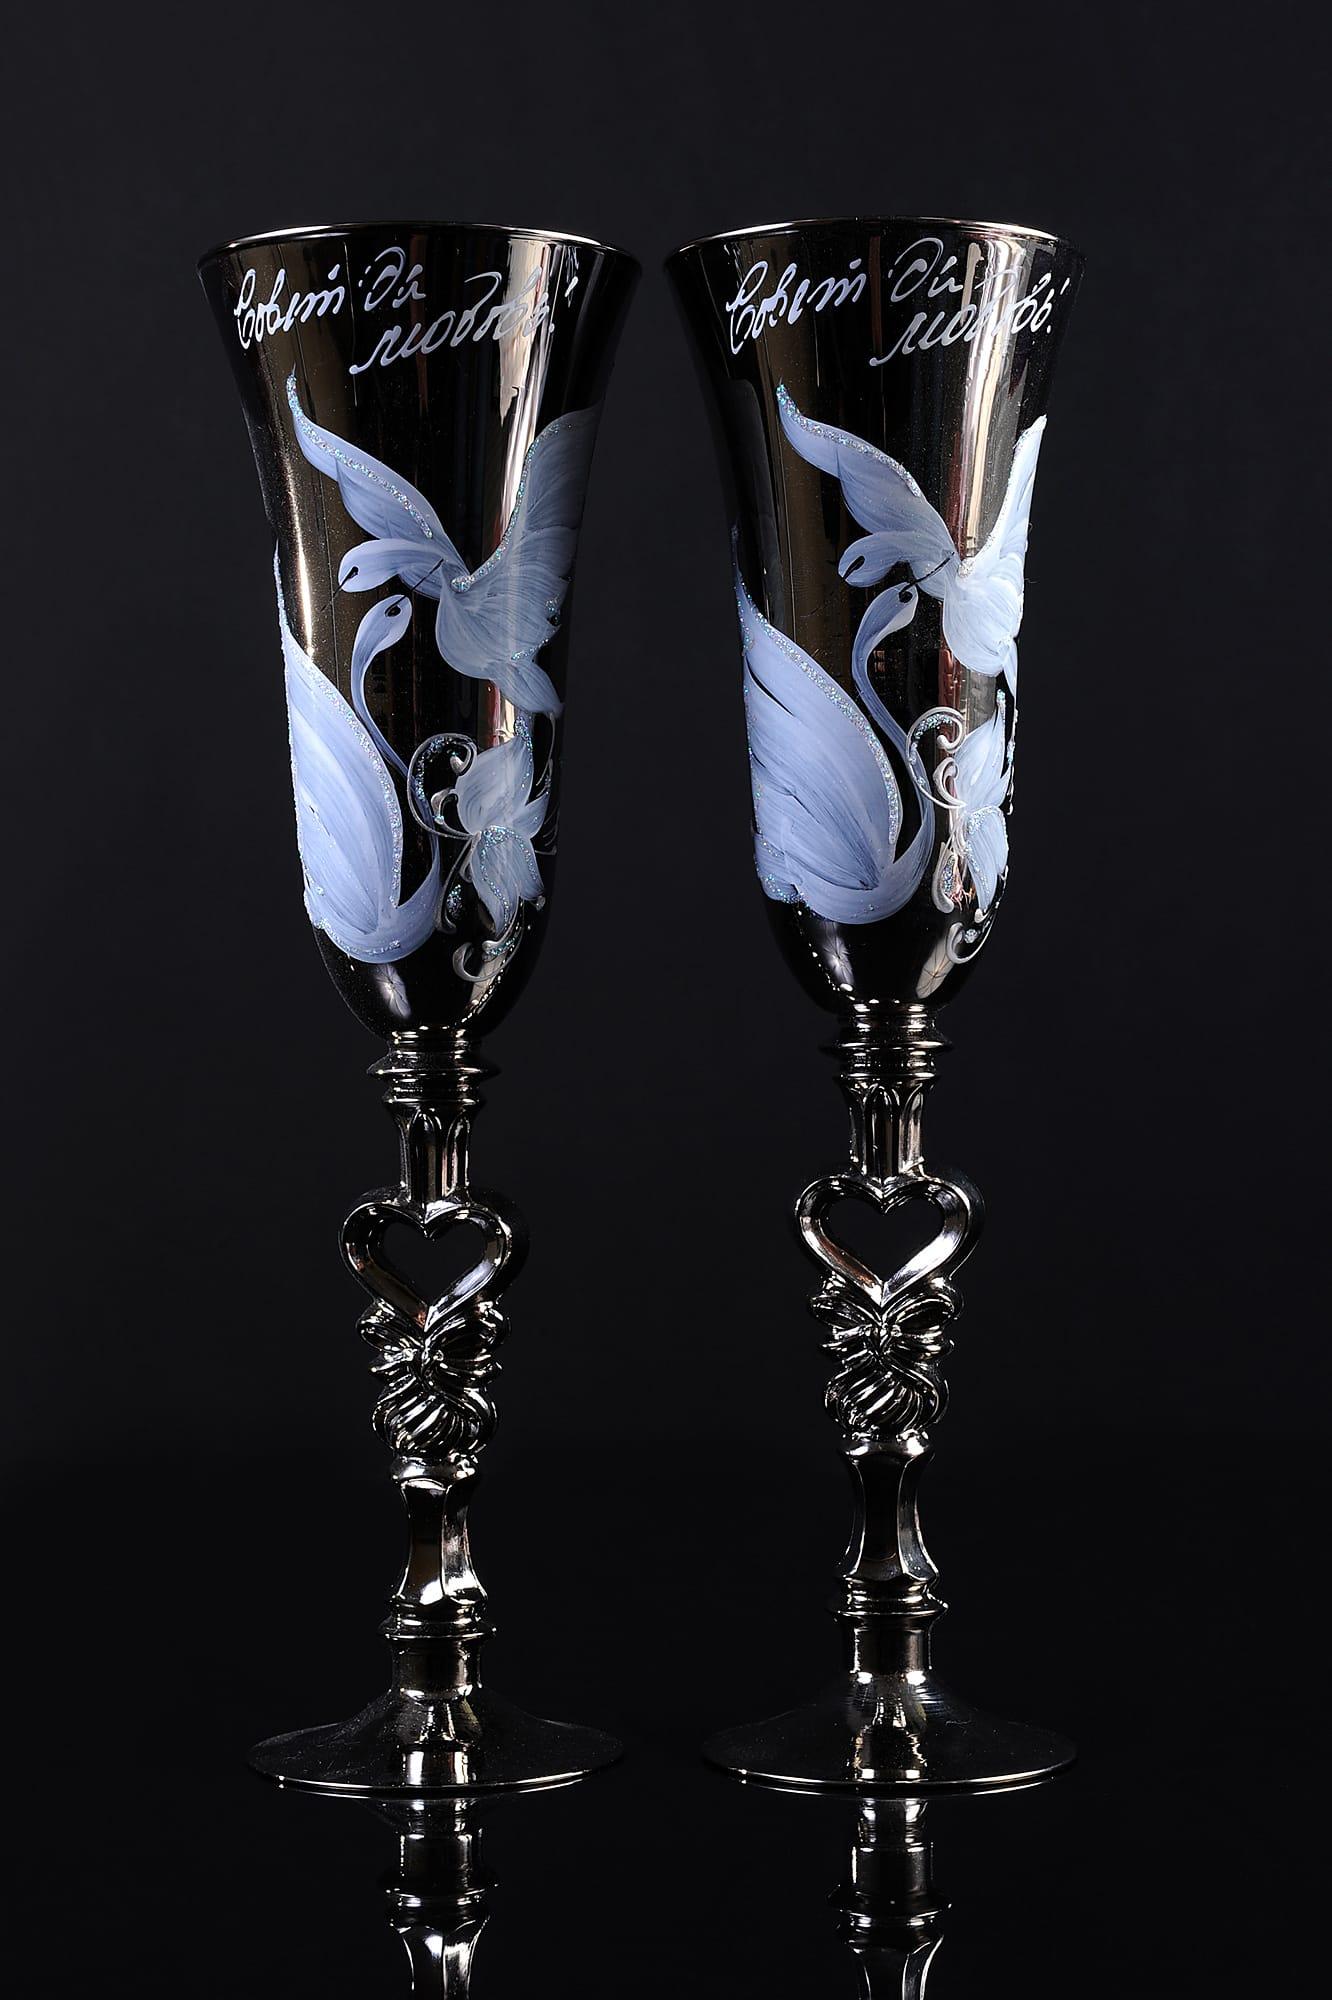 Свадебные фужеры бронзового цвета с белоснежным изображением птиц и фигурными ножками.